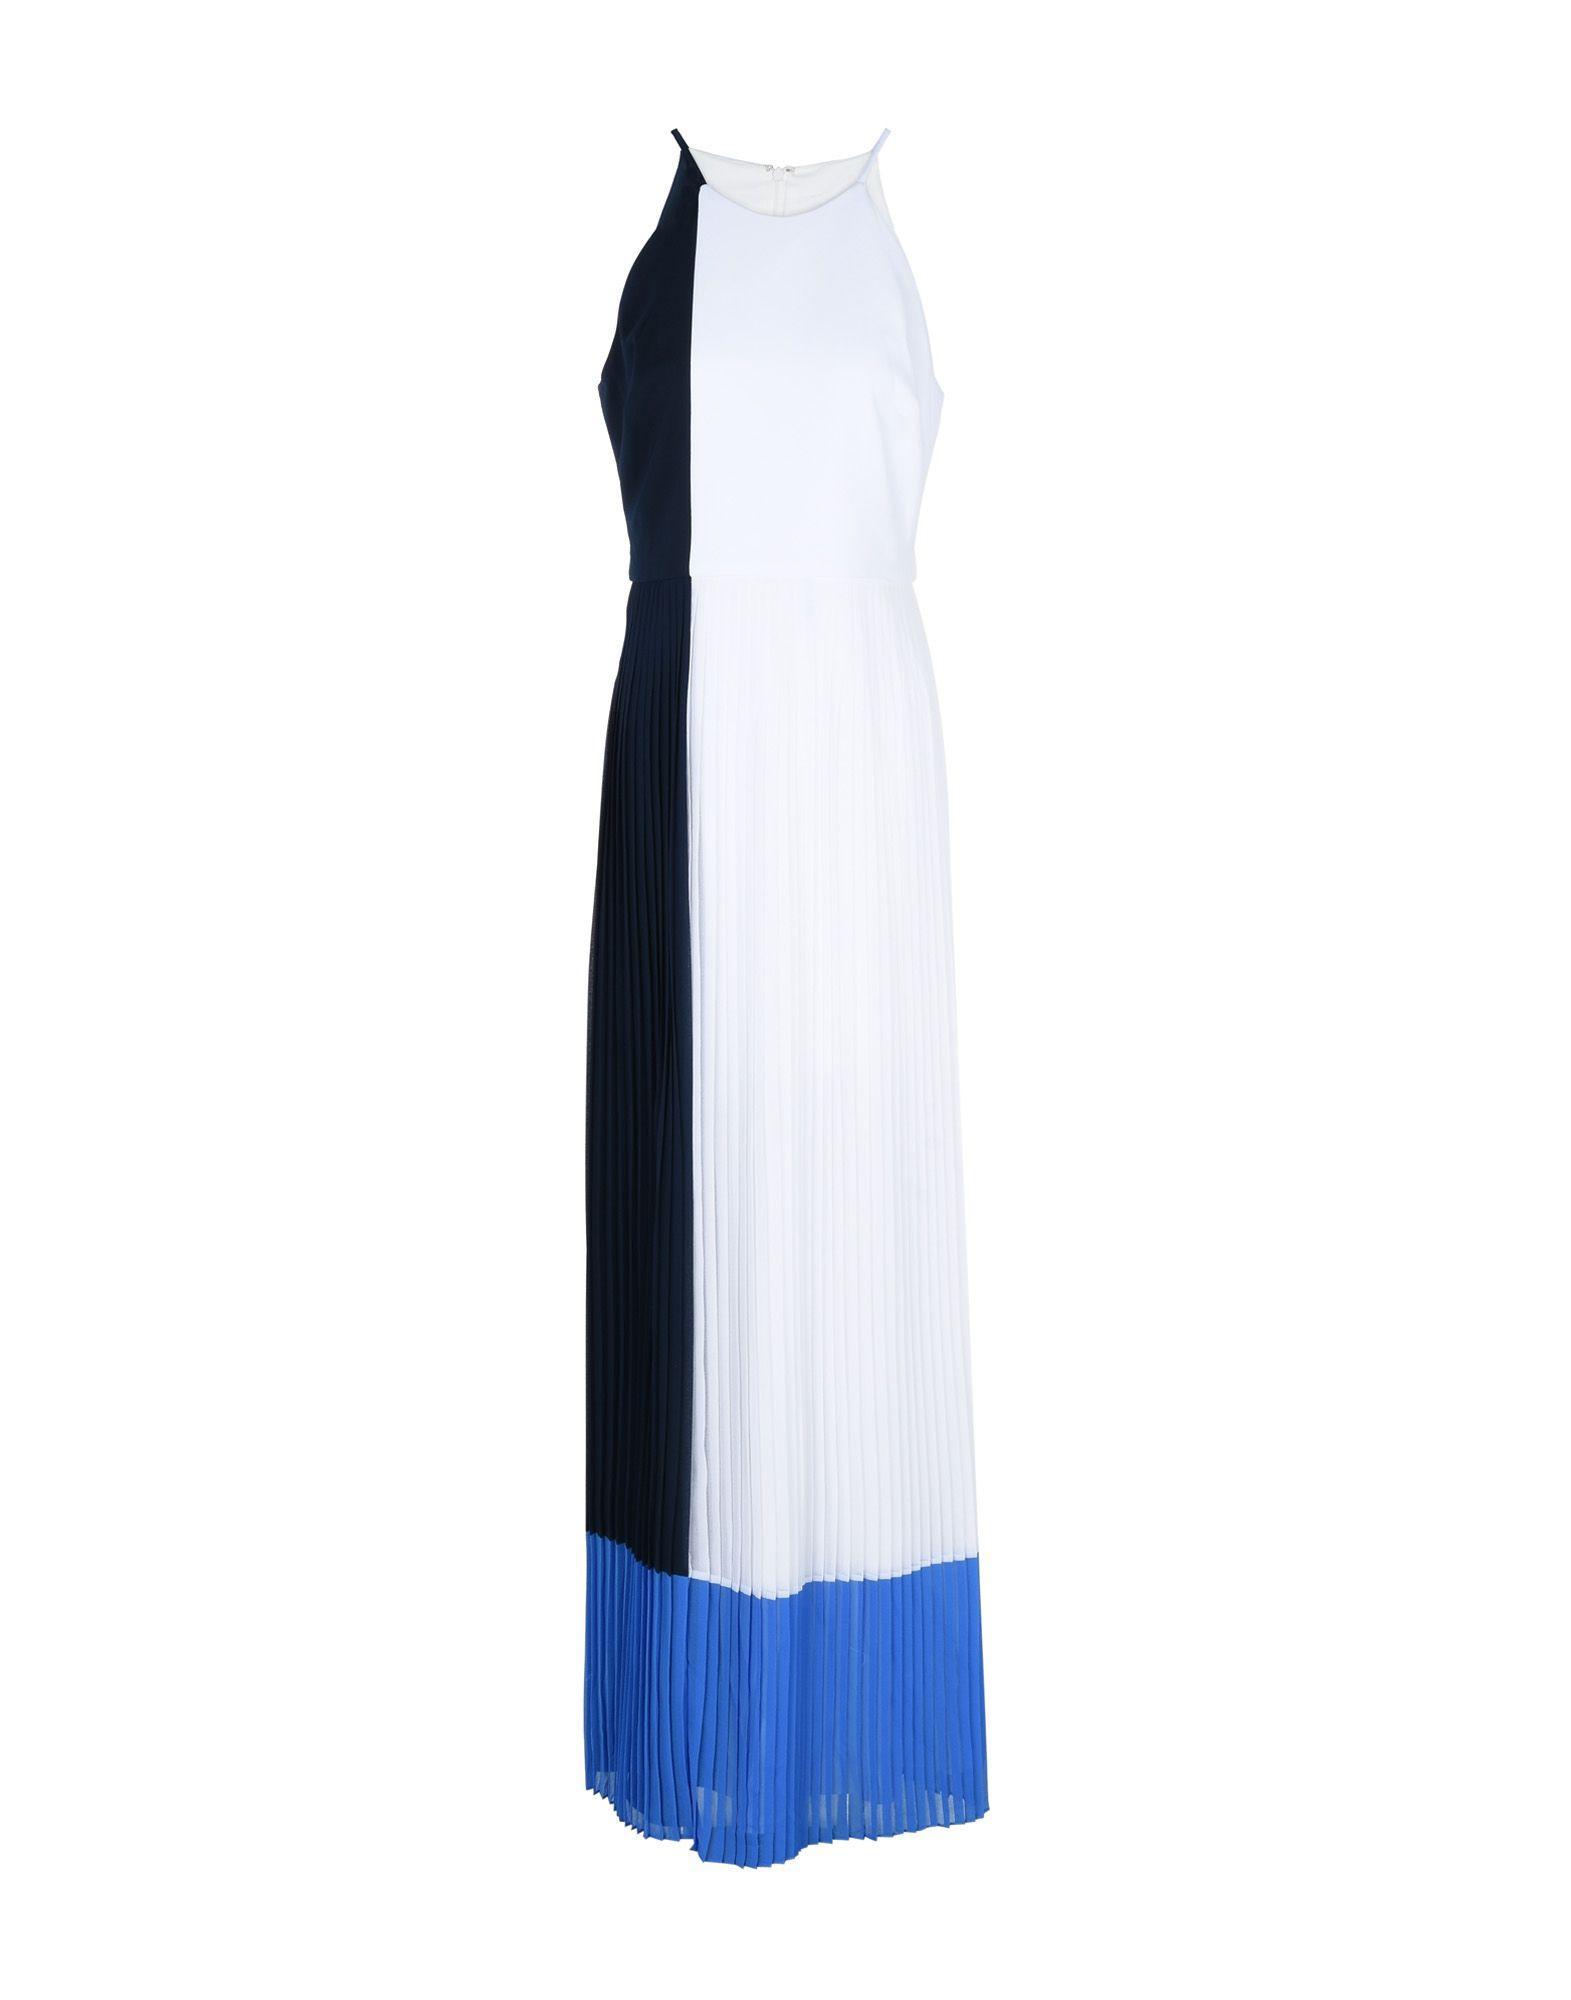 Badgley Mischka Long Dresses In White